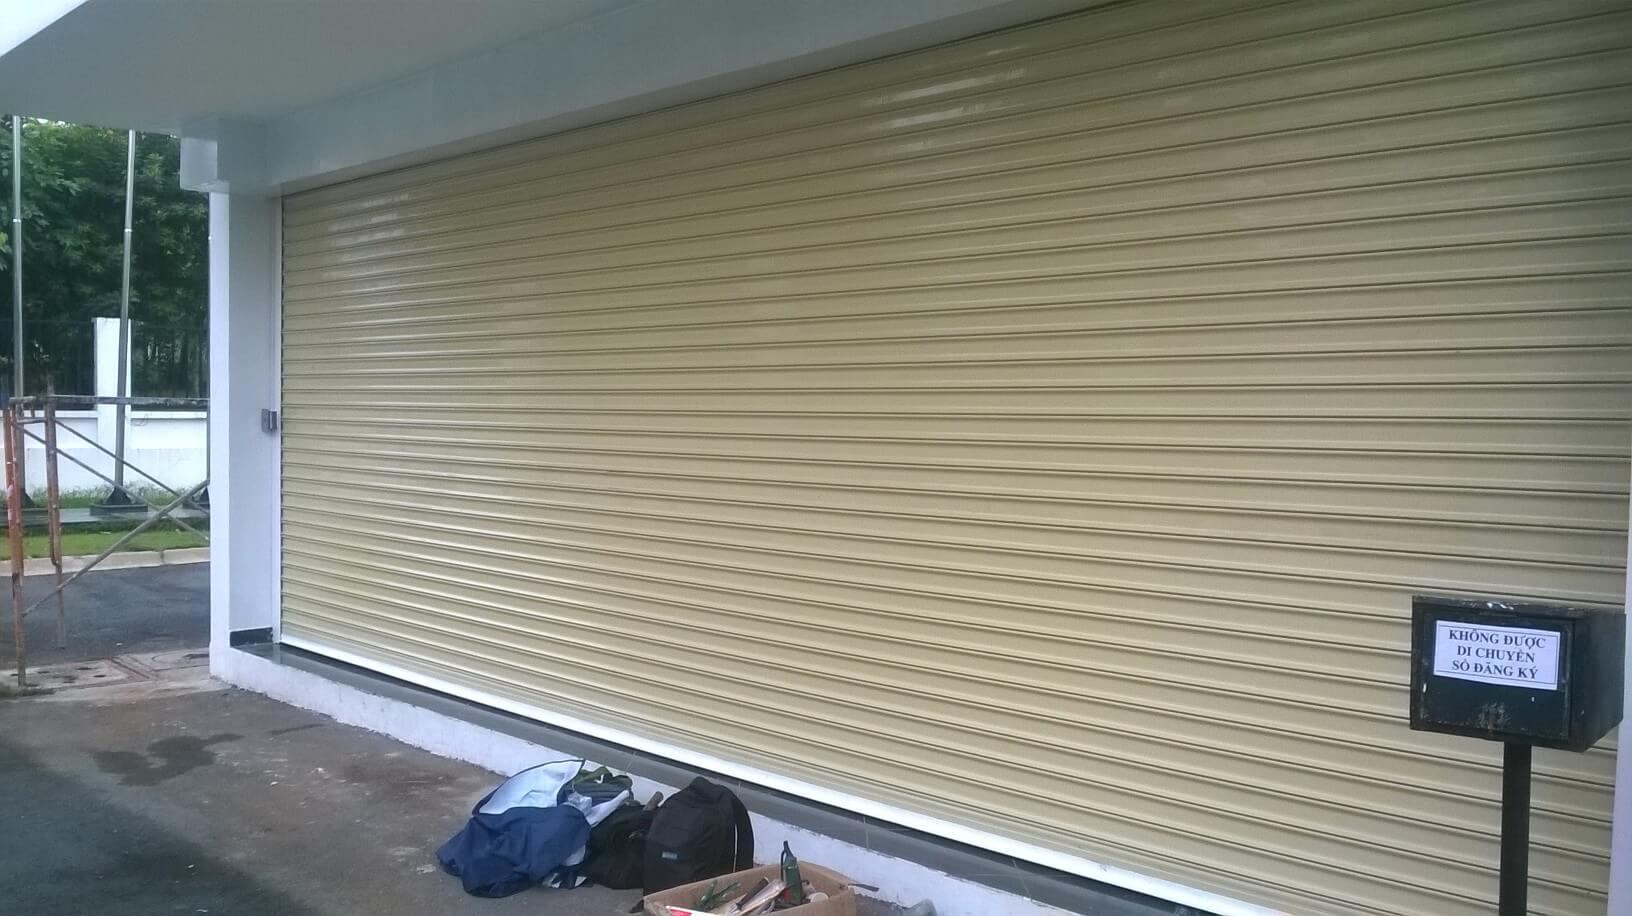 Công ty Sửa cửa cuốn phường 26 Quận Bình Thạnh giá rẻ